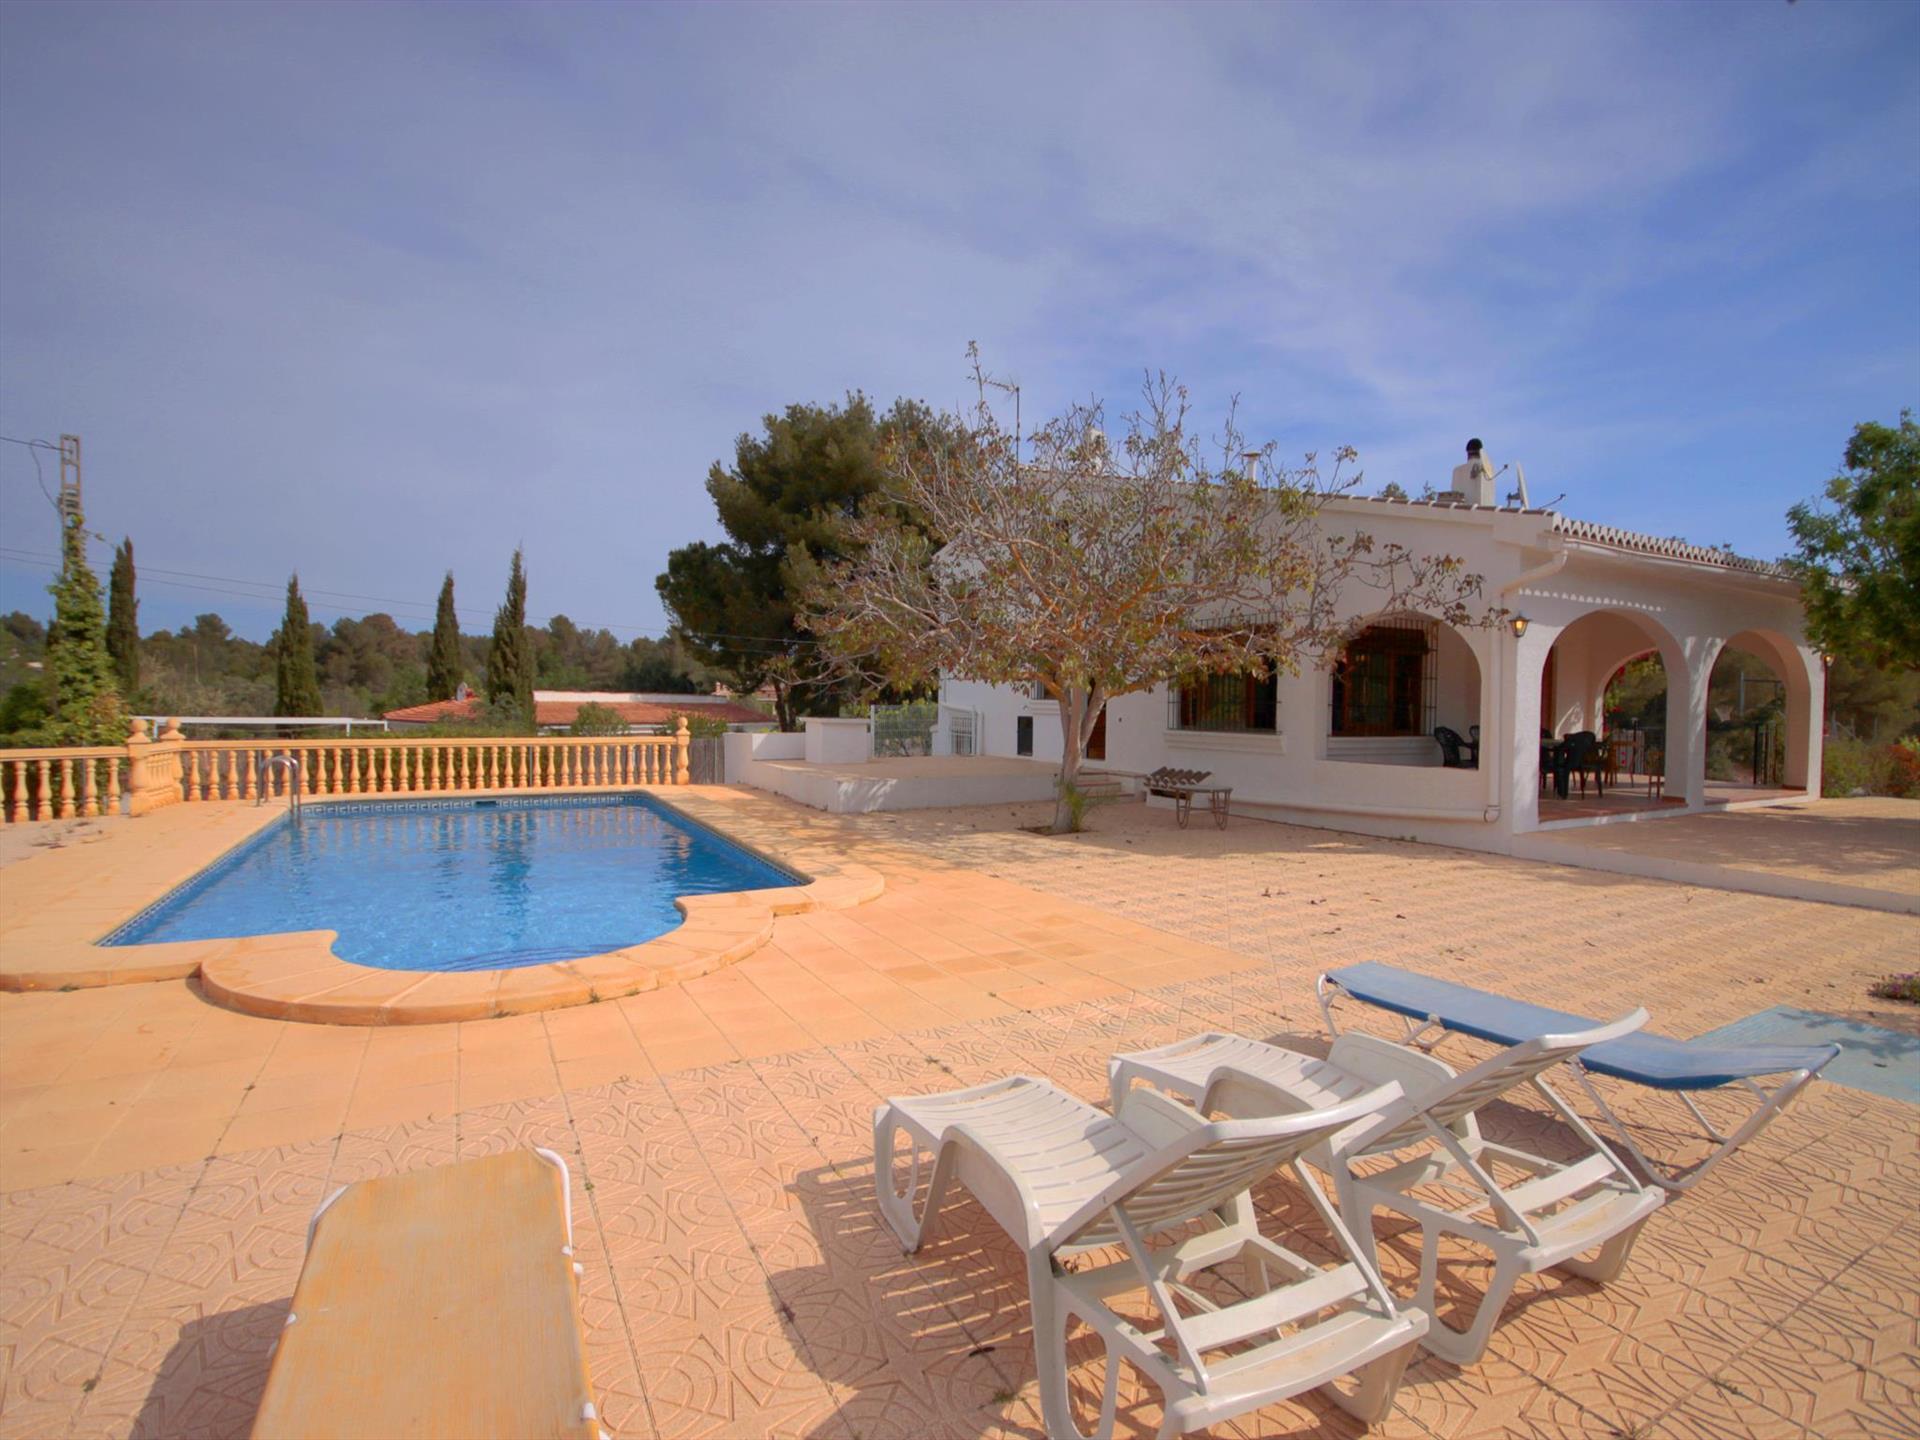 CERVERETA,Большая, удобная вилла  с частным бассейном  на 8 человек в Хавии, нa Коста Бланкe, в Испании.....